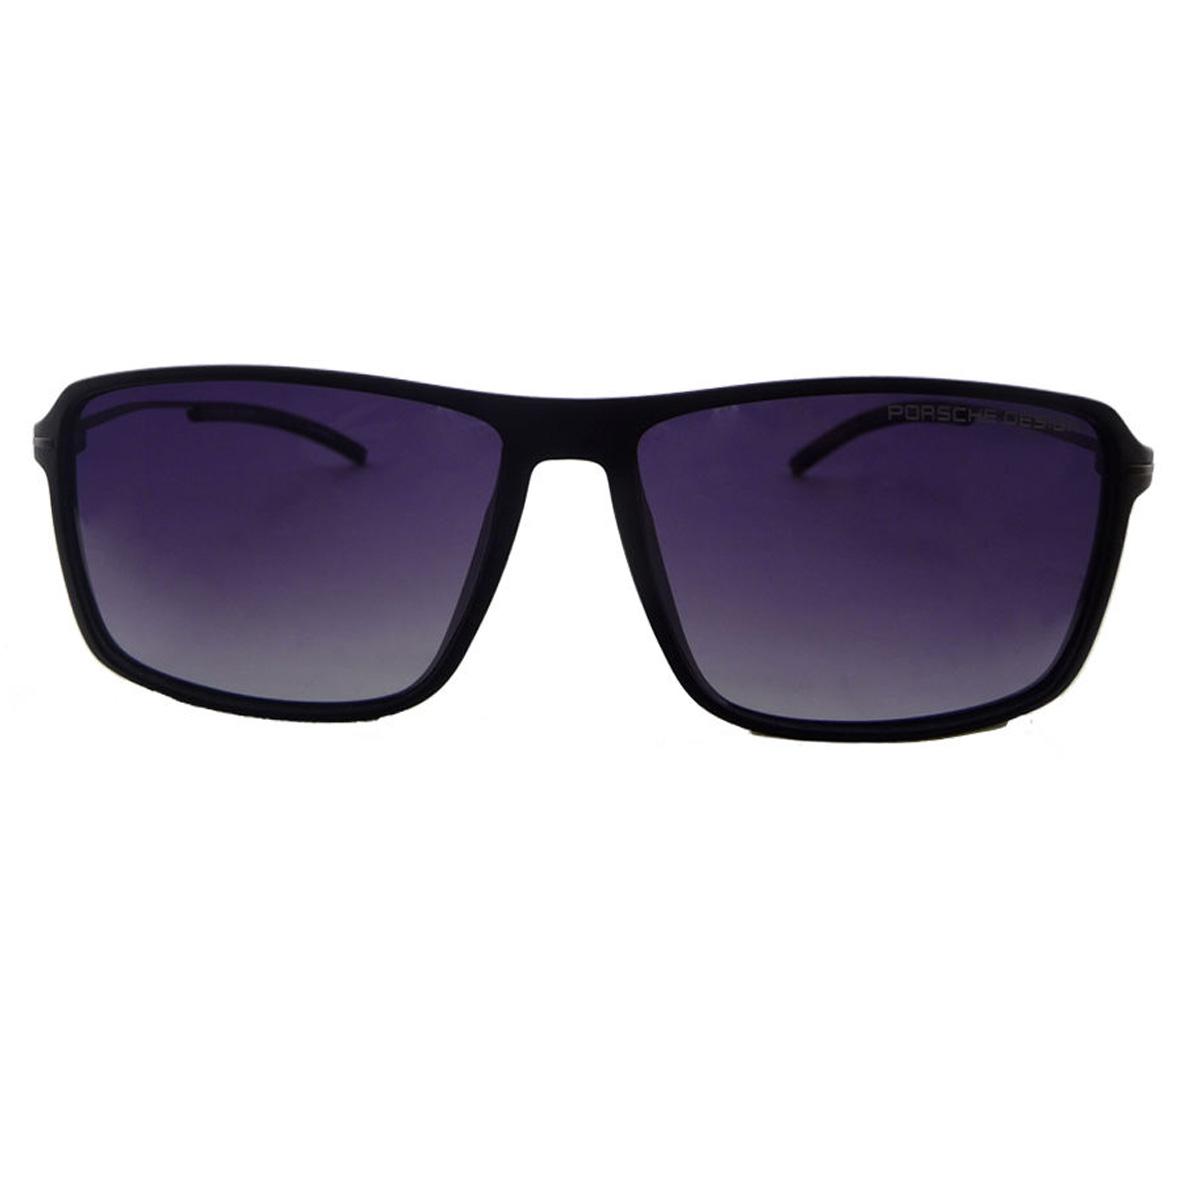 قیمت عینک آفتابی پورش دیزاین مدل P8295